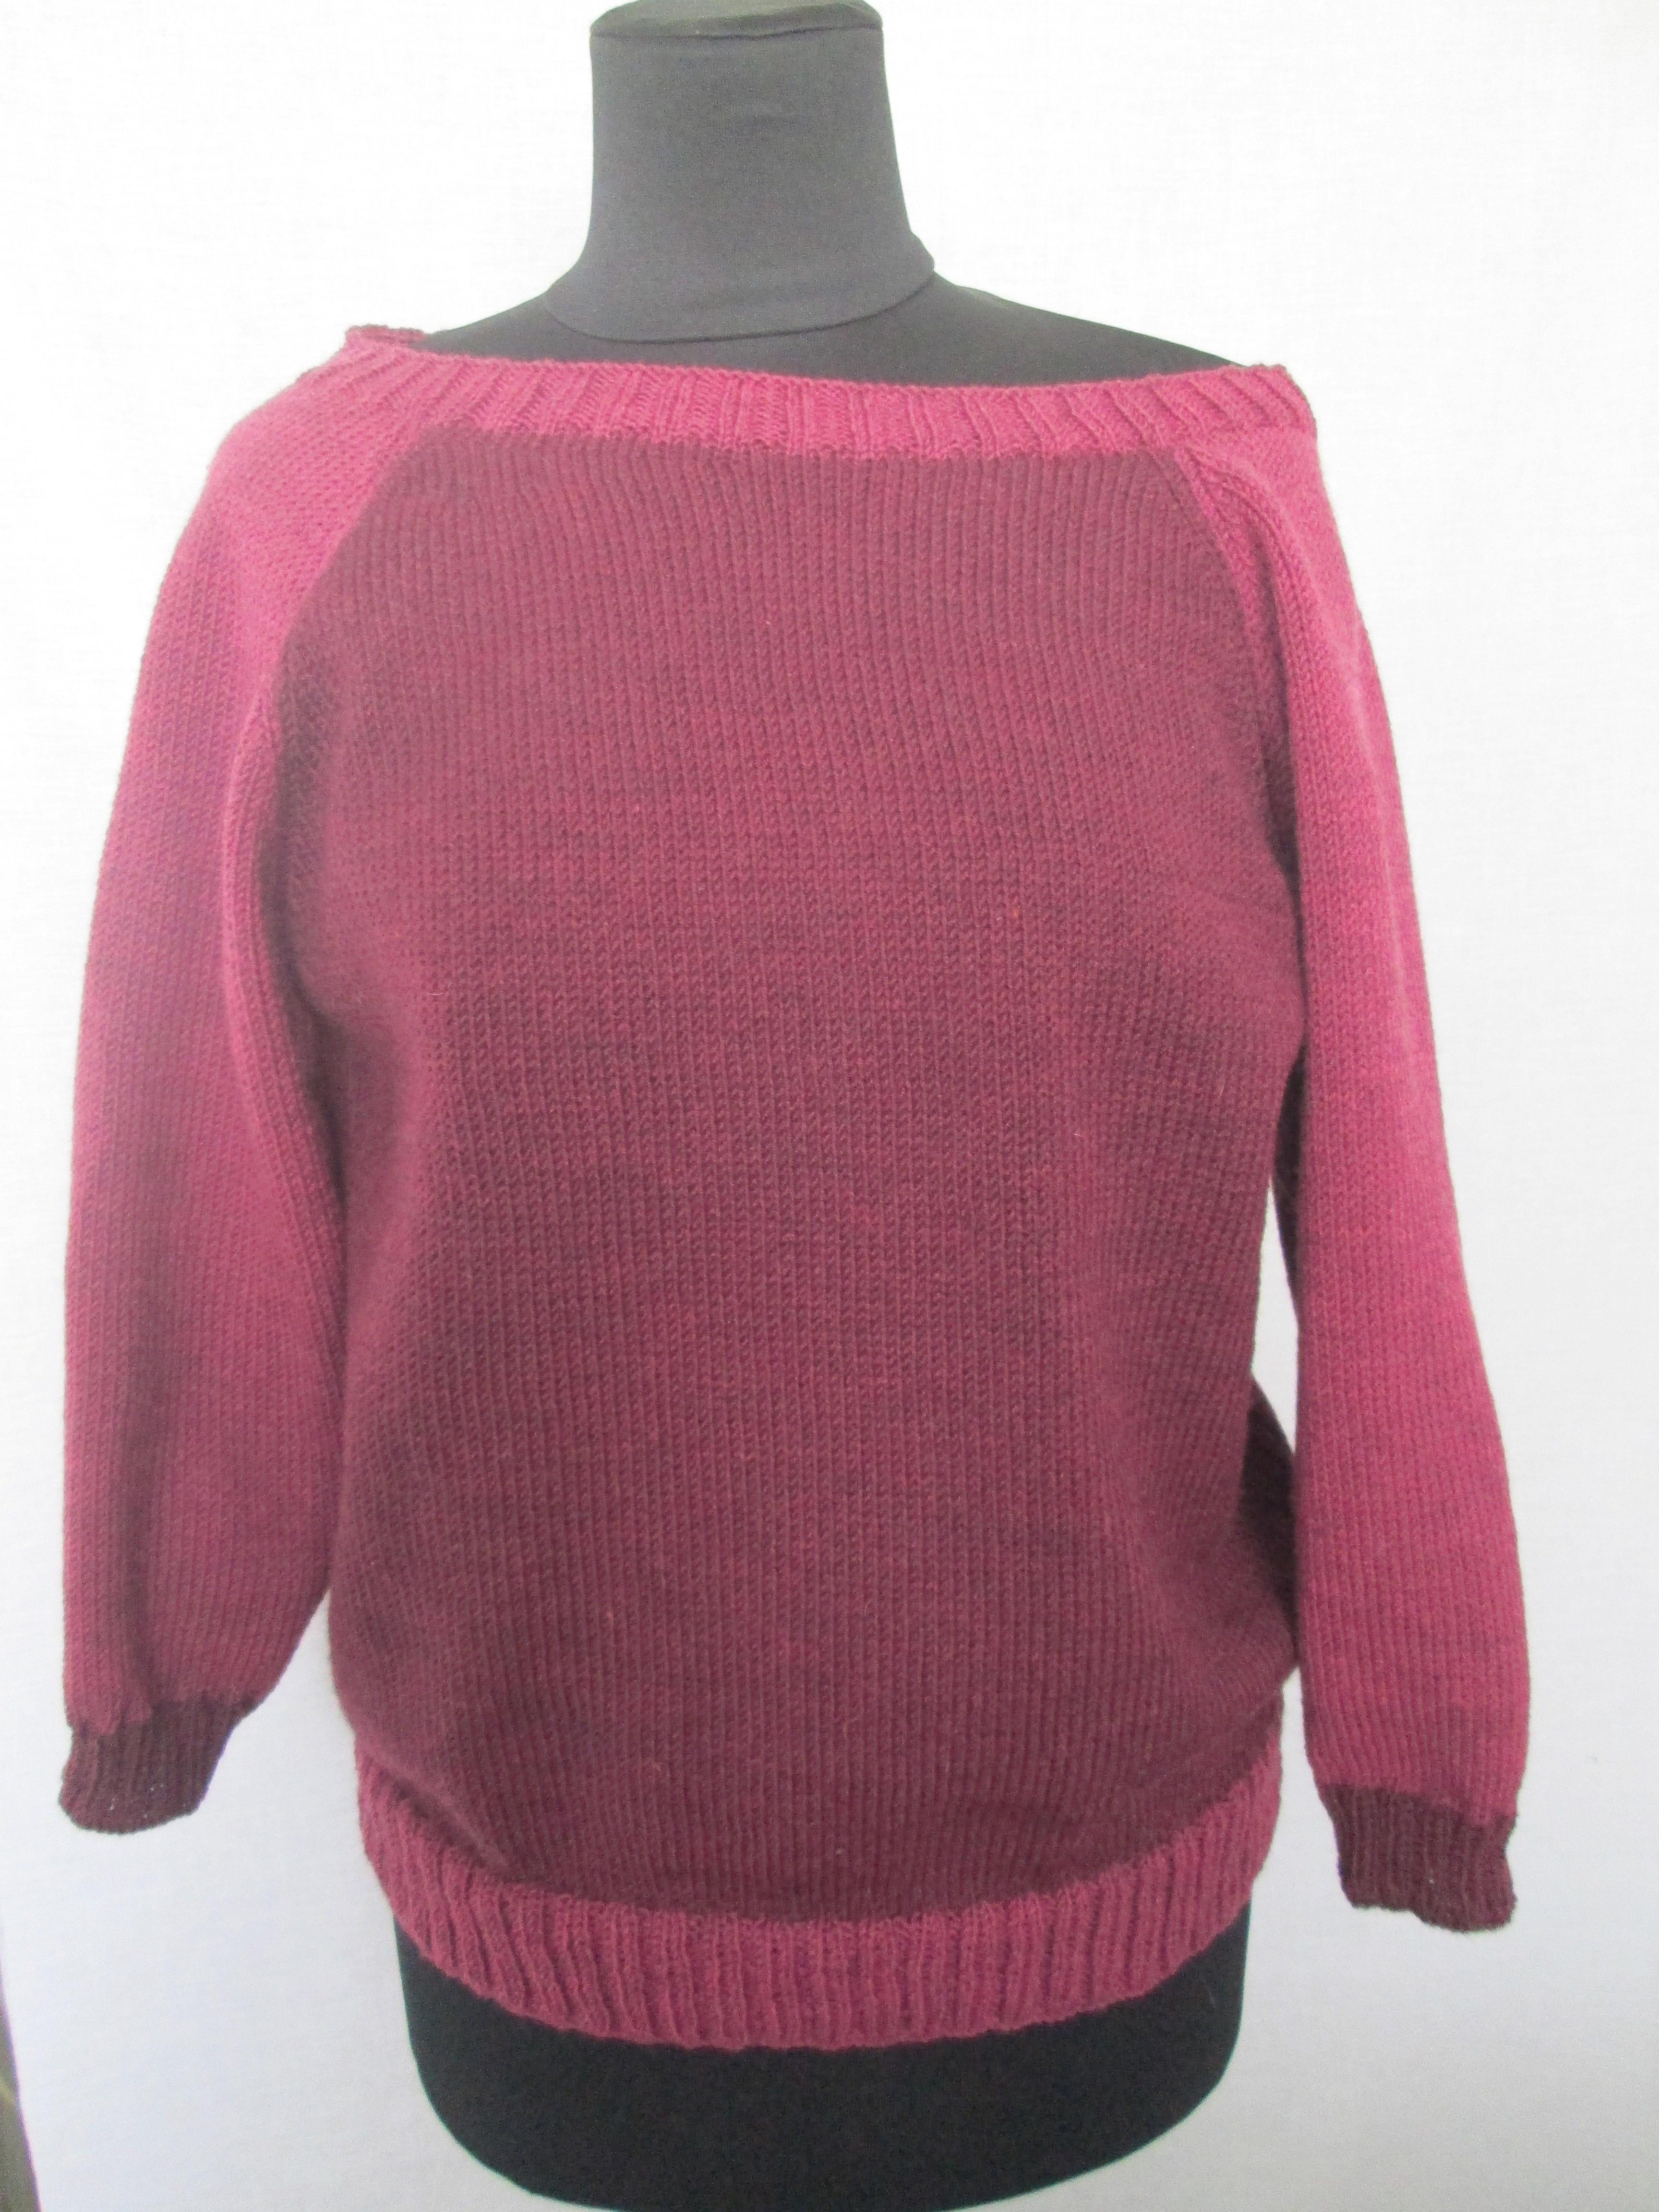 Двухцветный Пуловер Женский Доставка